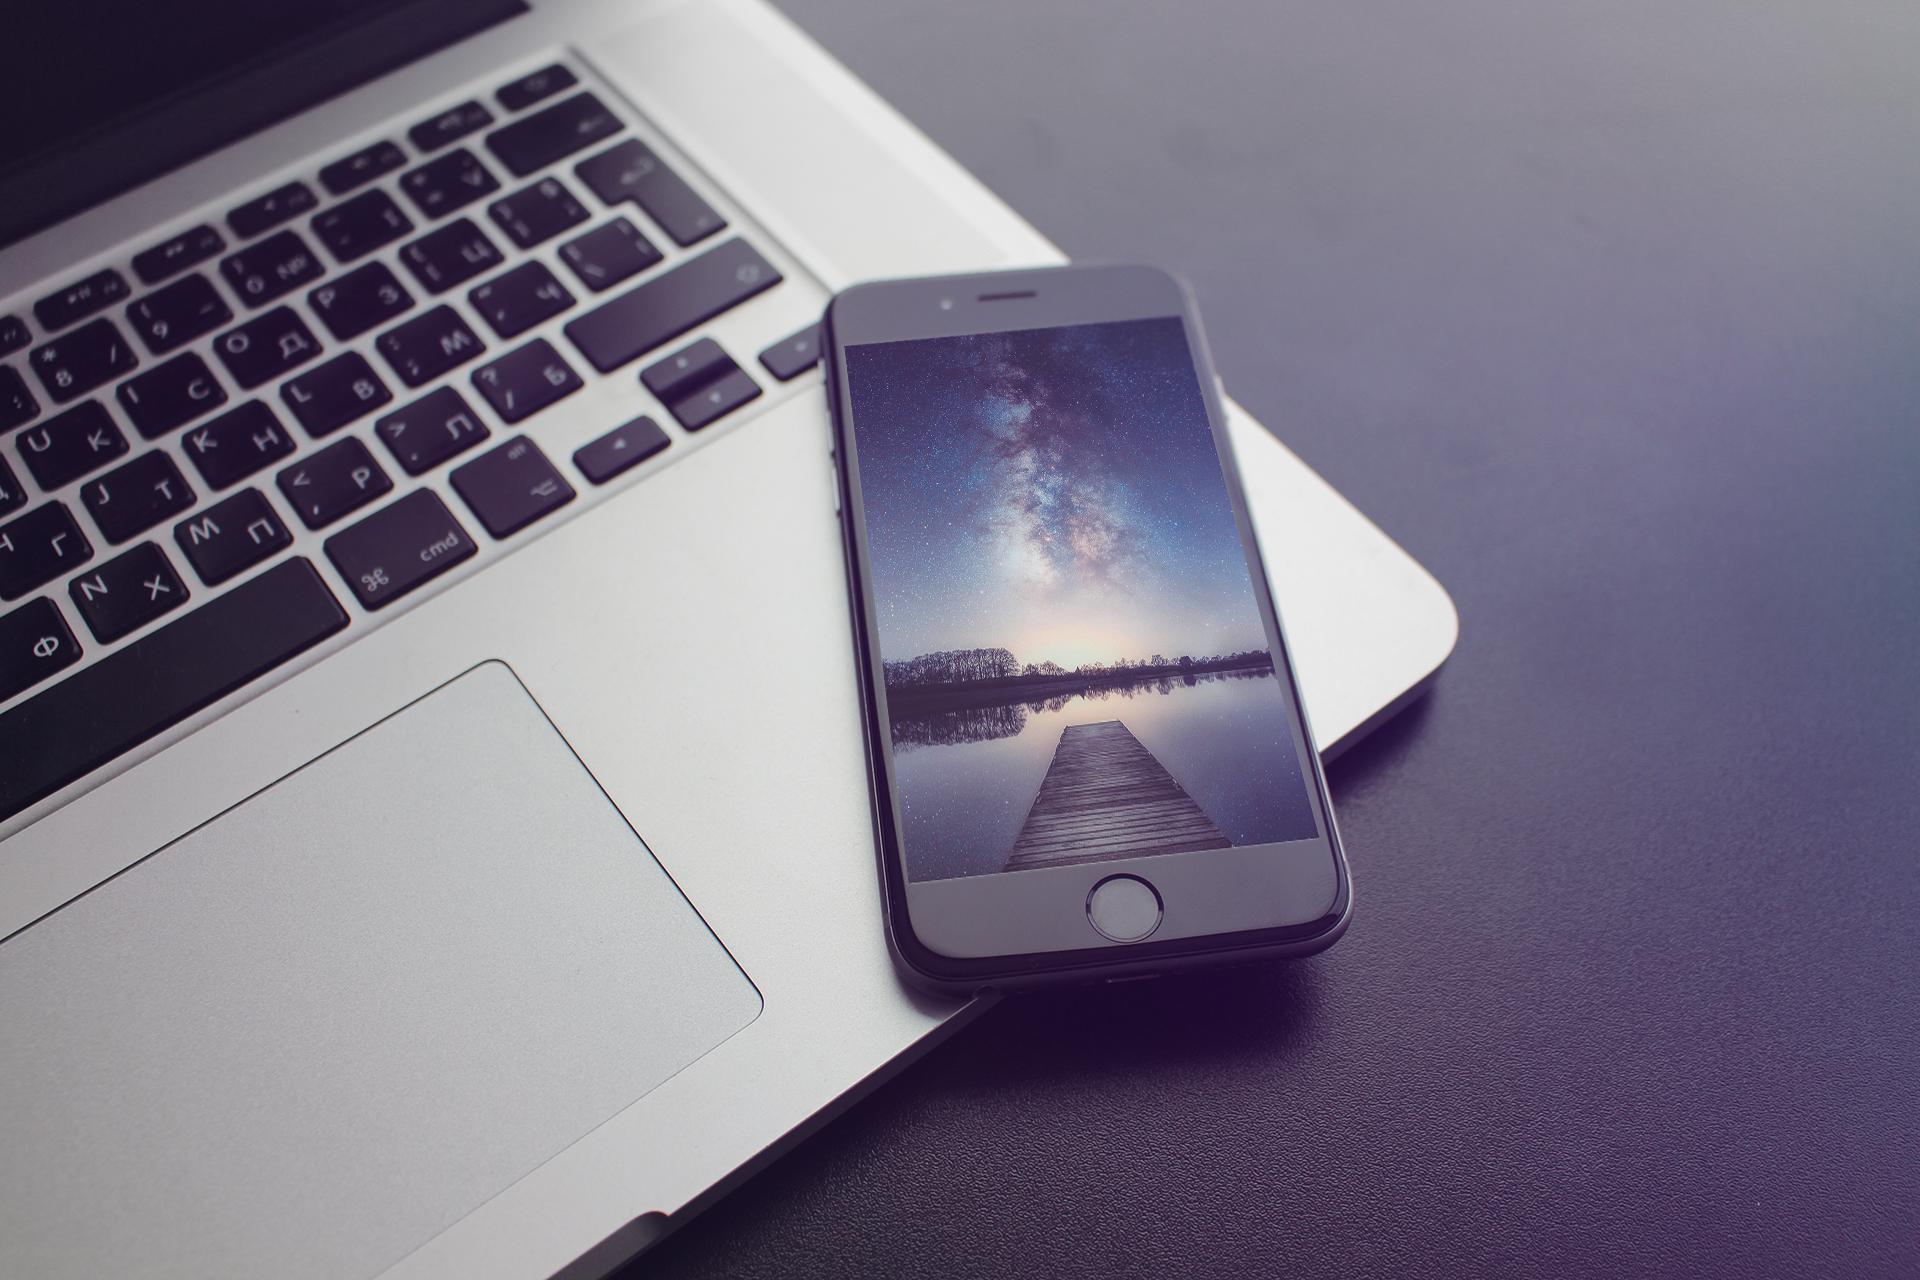 Красивые обои Xiaomi Redmi Note 2 специально для iPhone